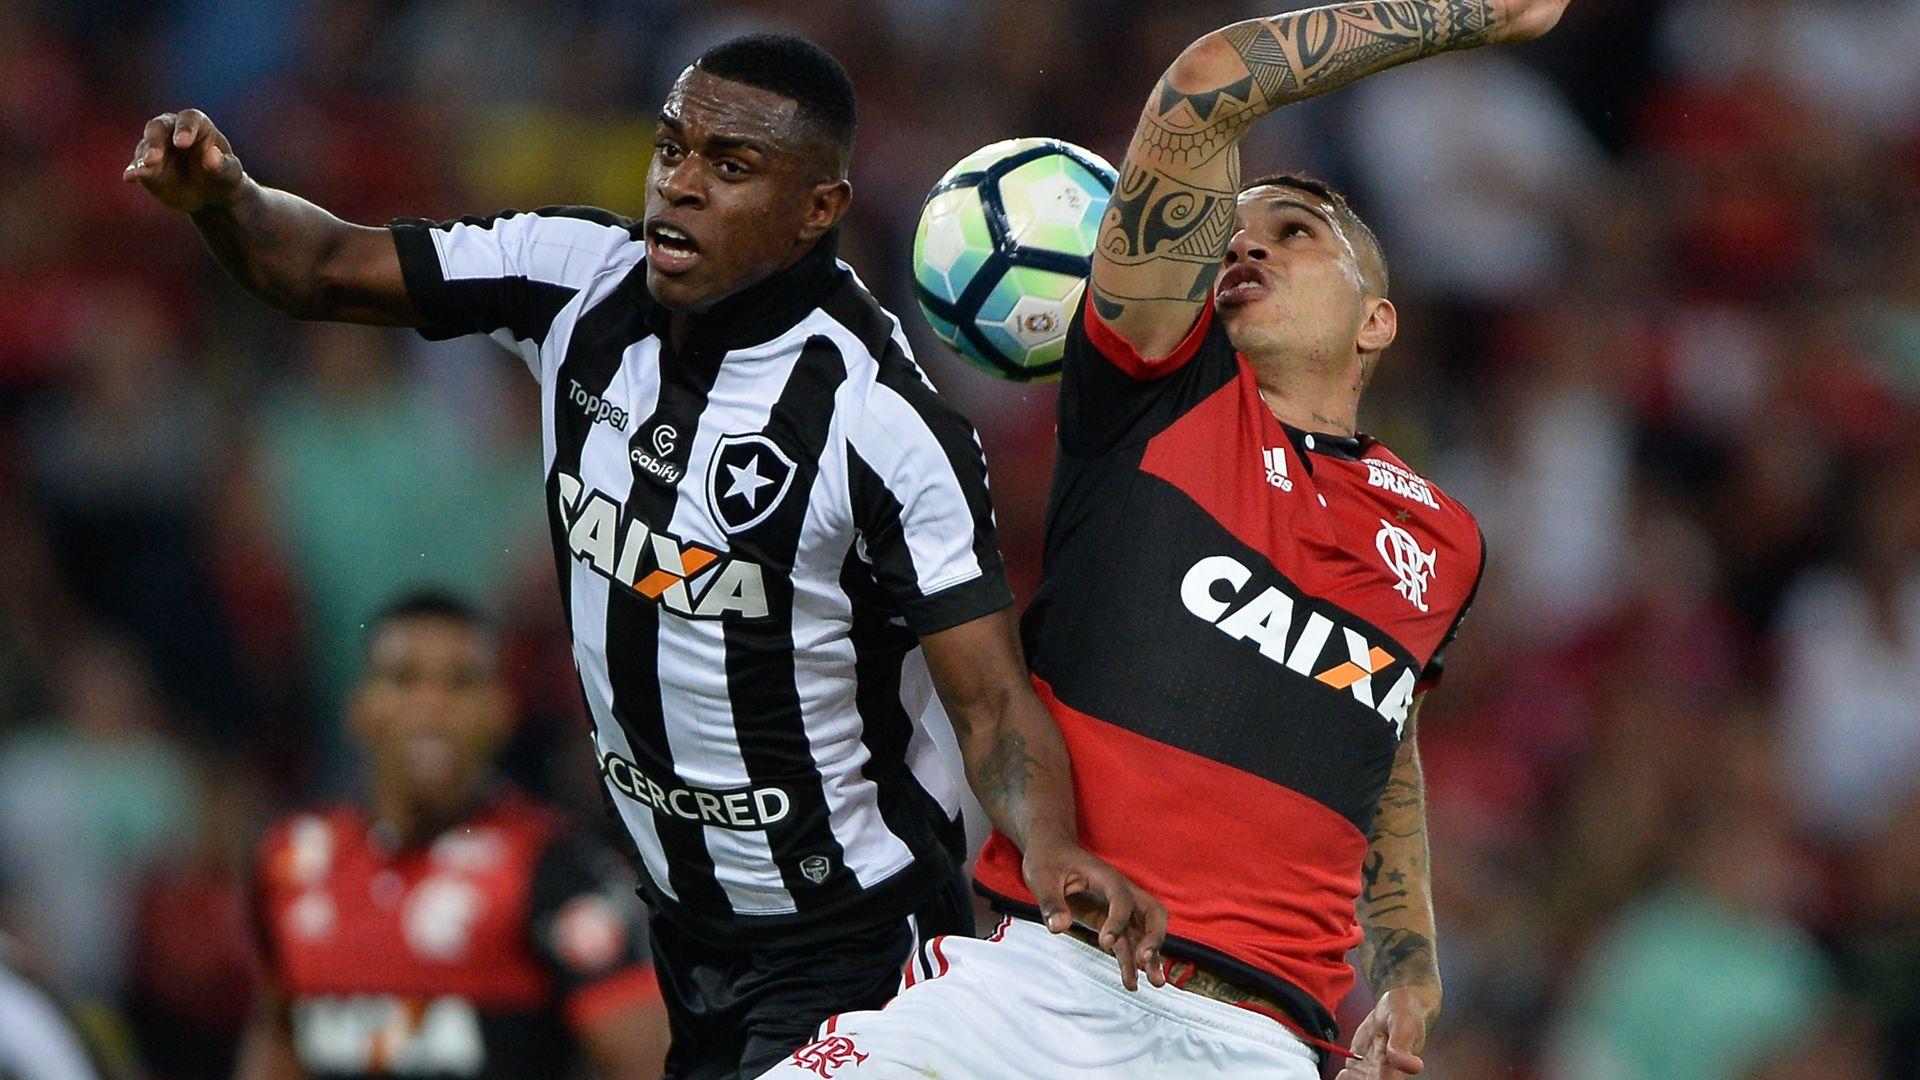 Marcelo Conceicao Paolo Guerrero Flamengo Botafogo Copa do Brasil 23082017